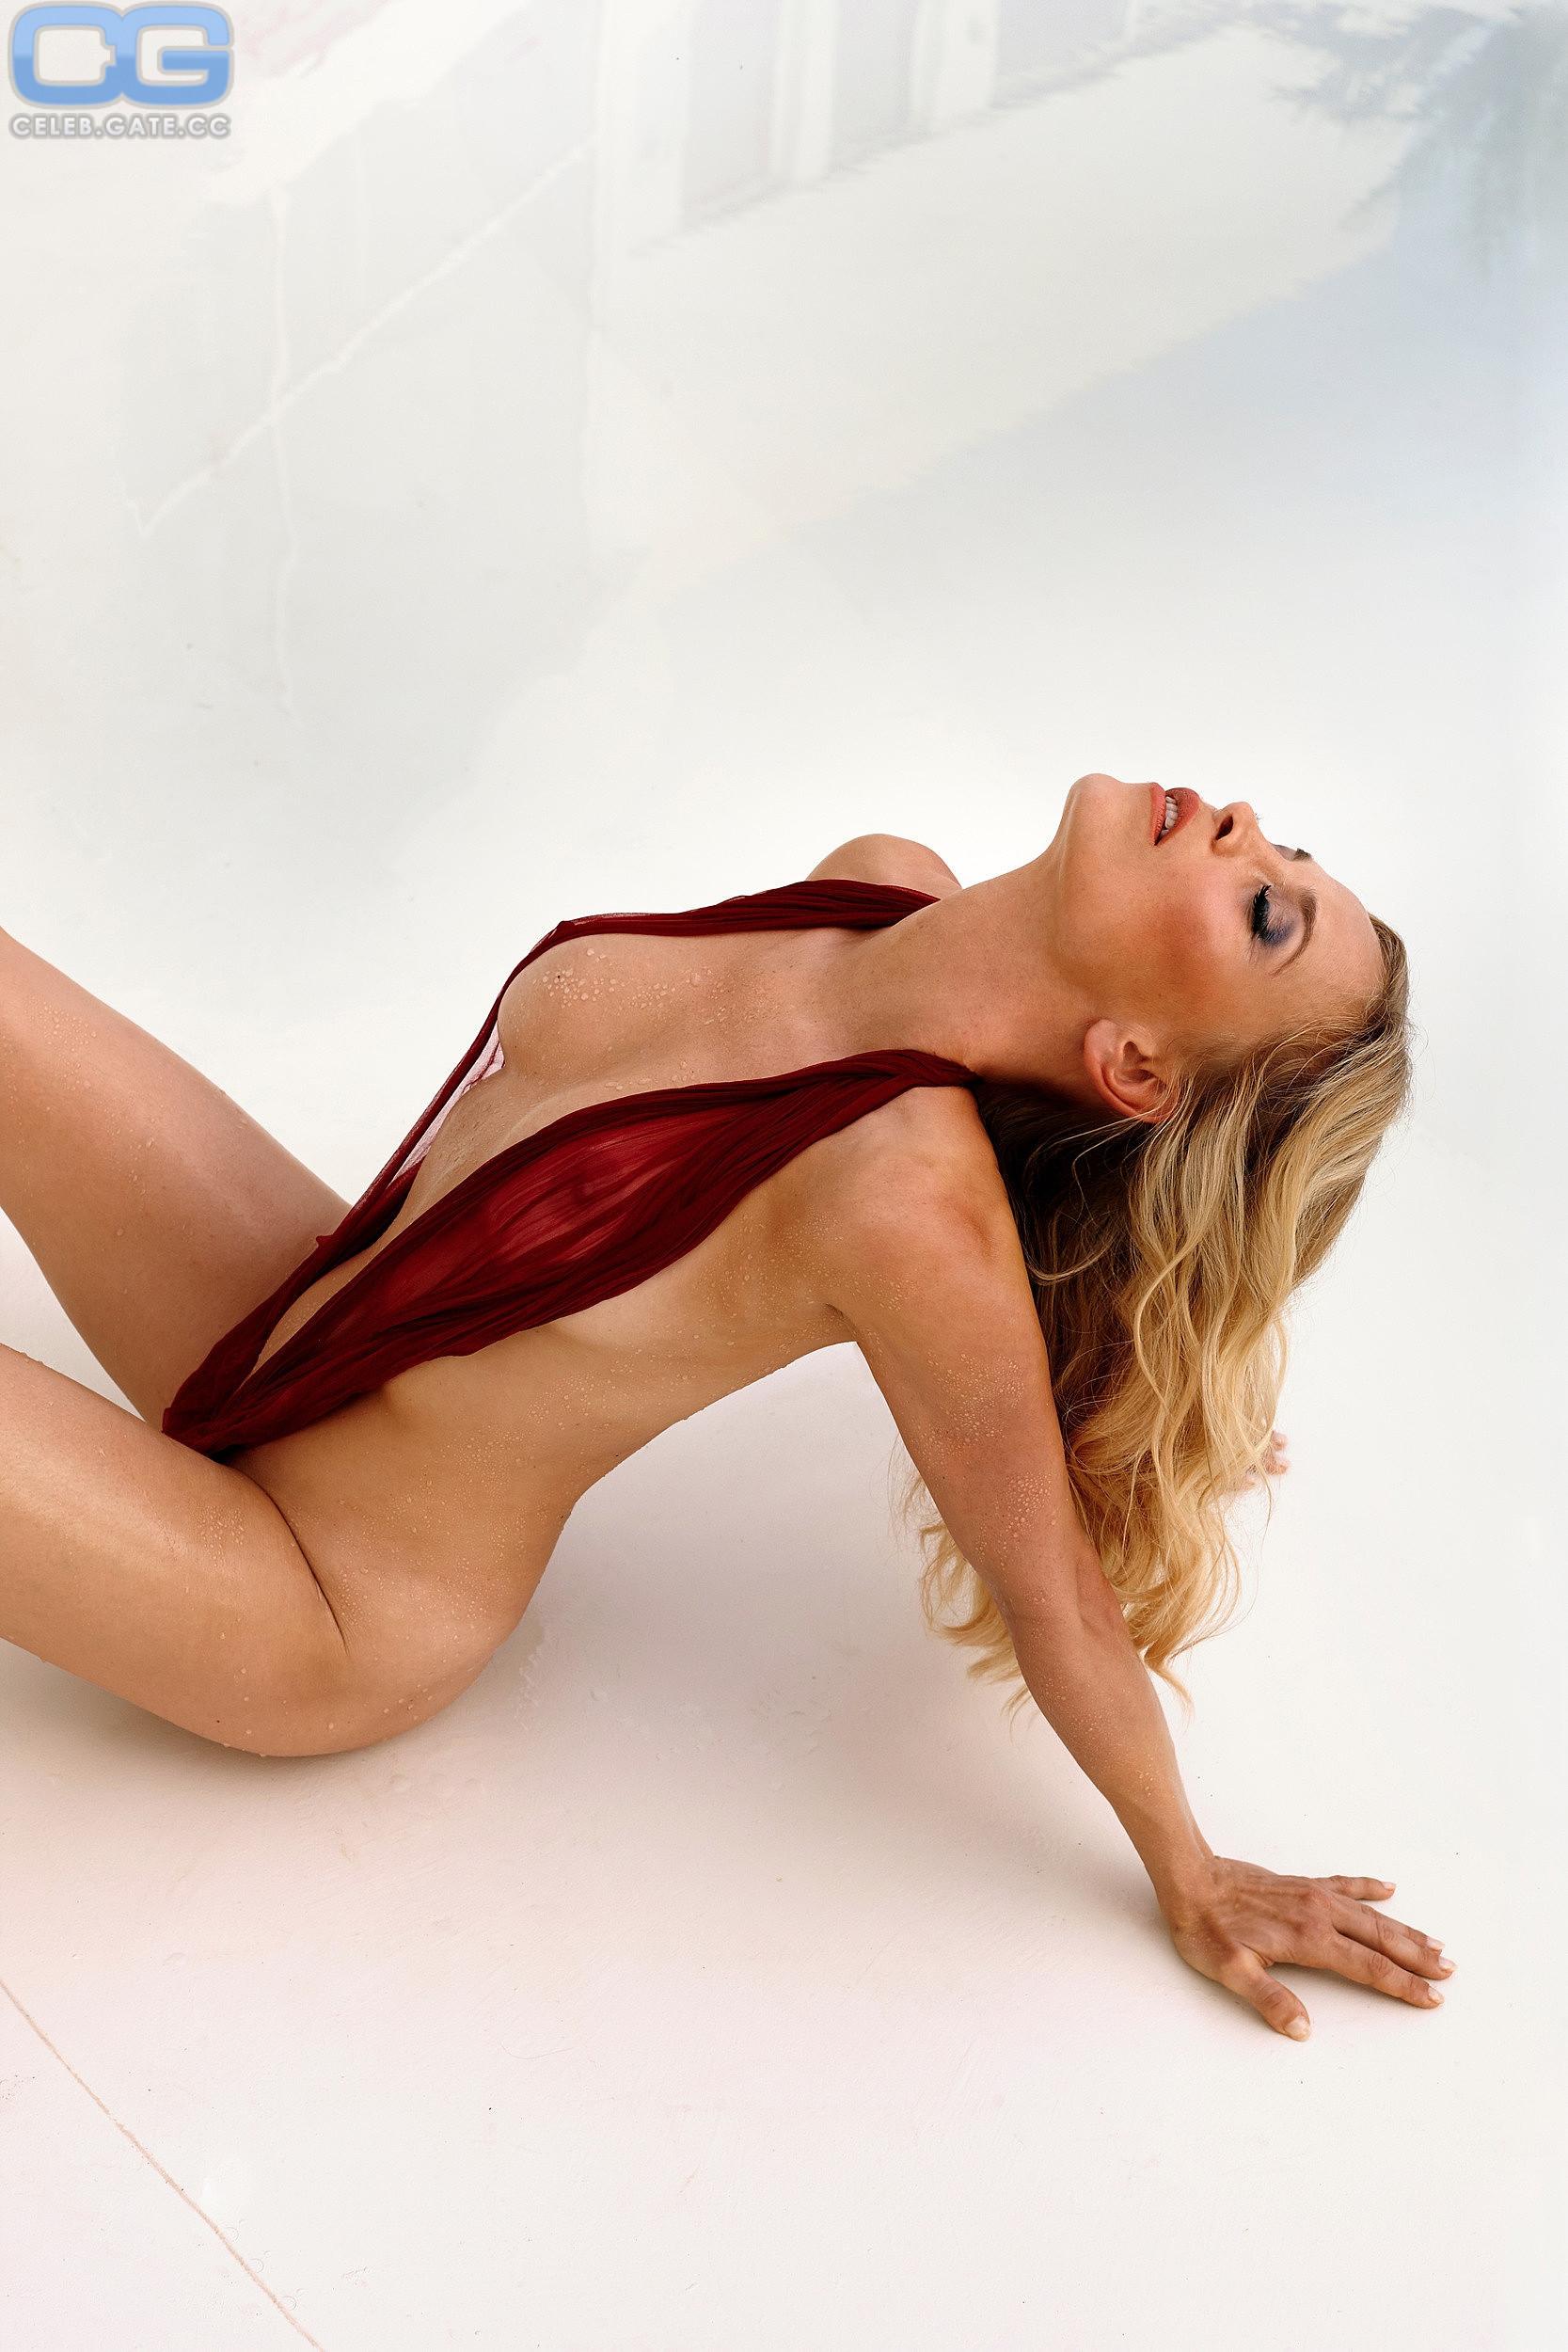 Regina Halmich Playboy